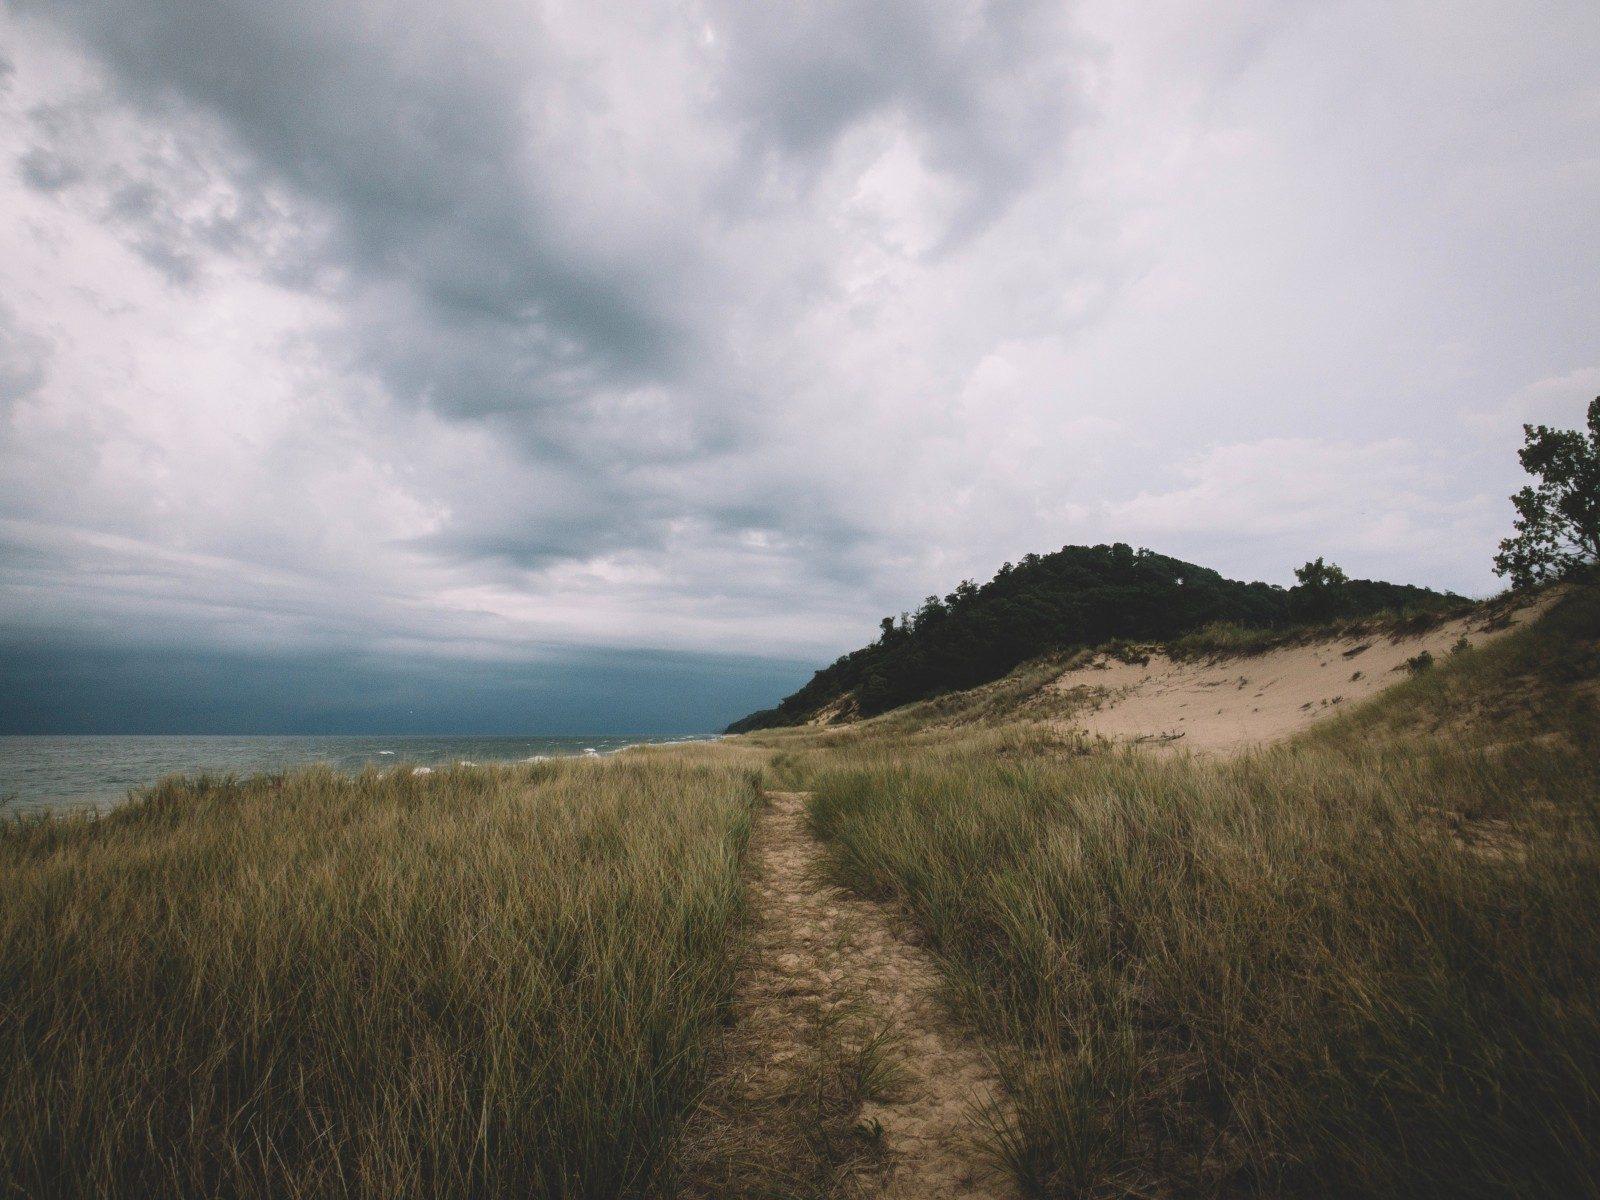 pathway between green grass